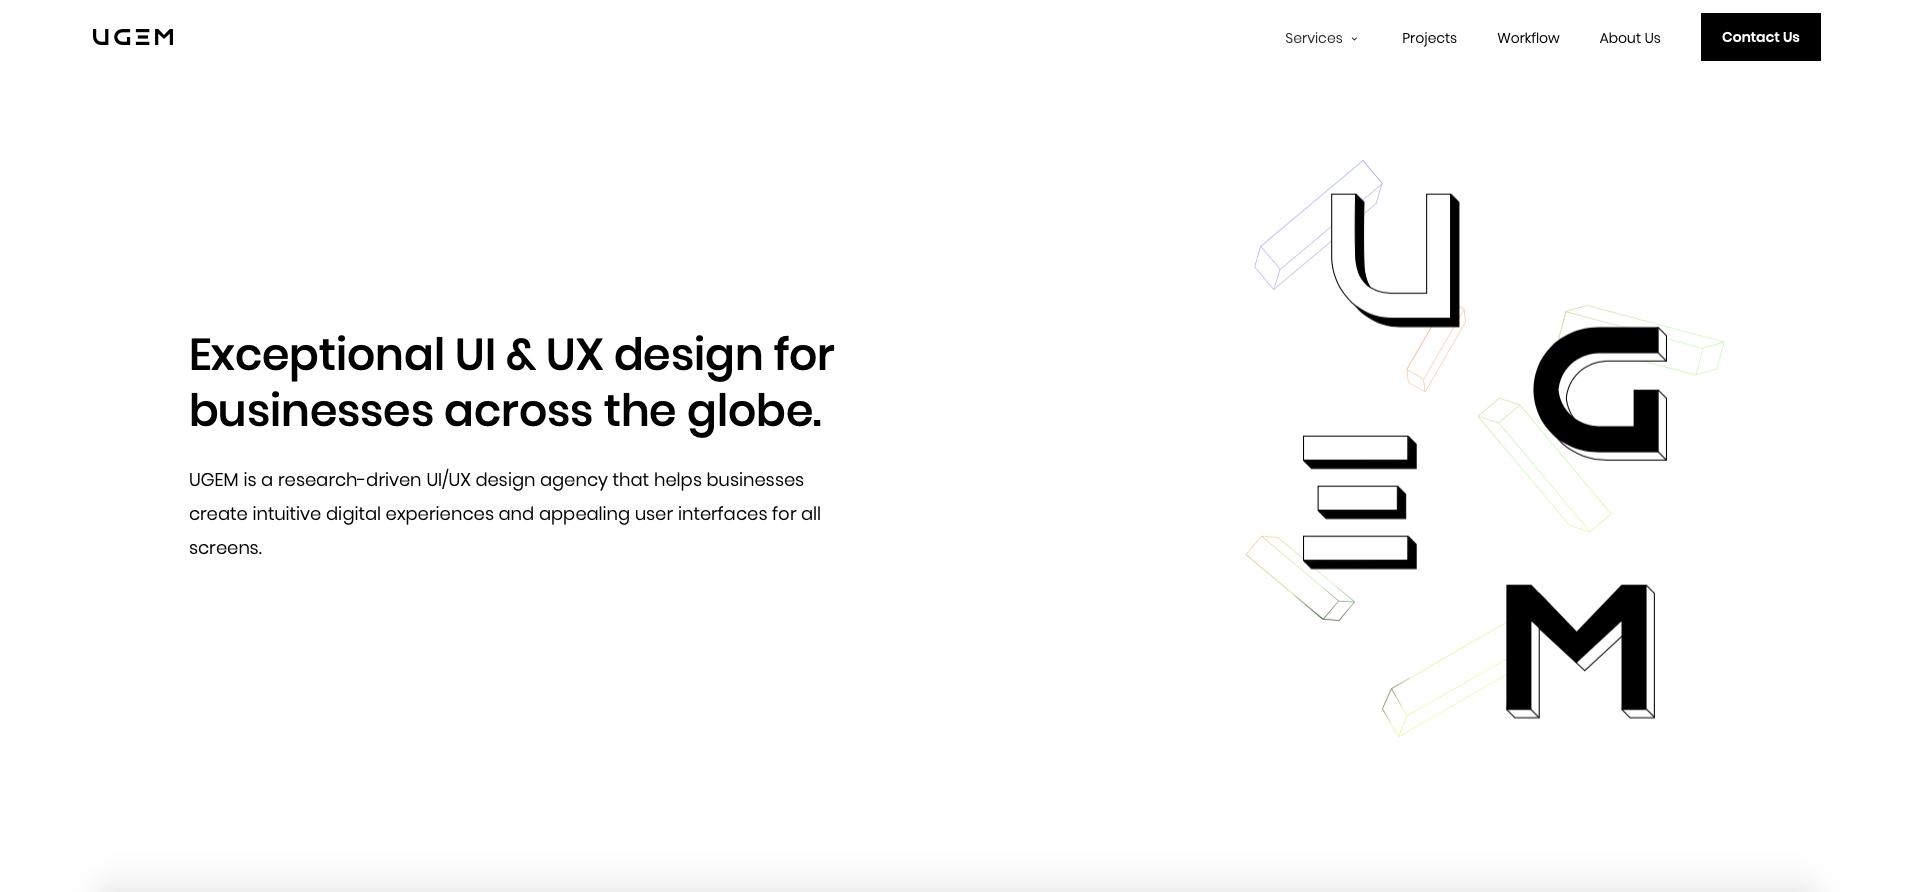 UGEM design